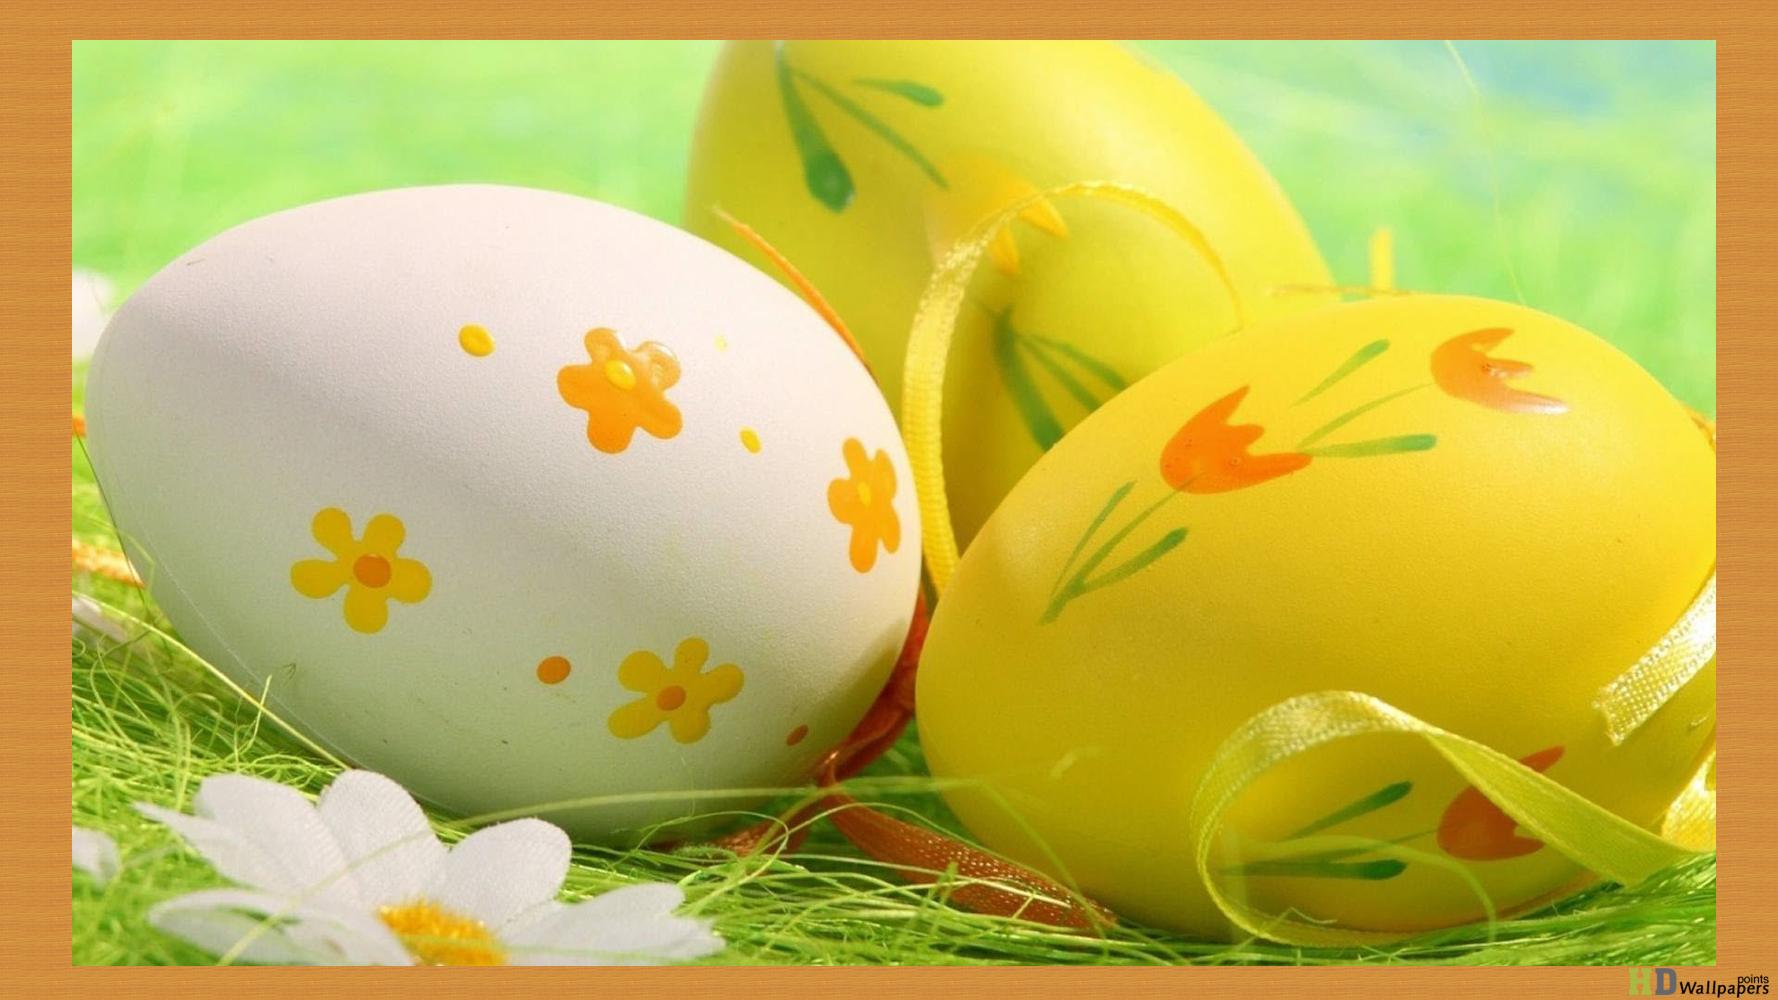 47+ HD Easter Wallpaper on WallpaperSafari